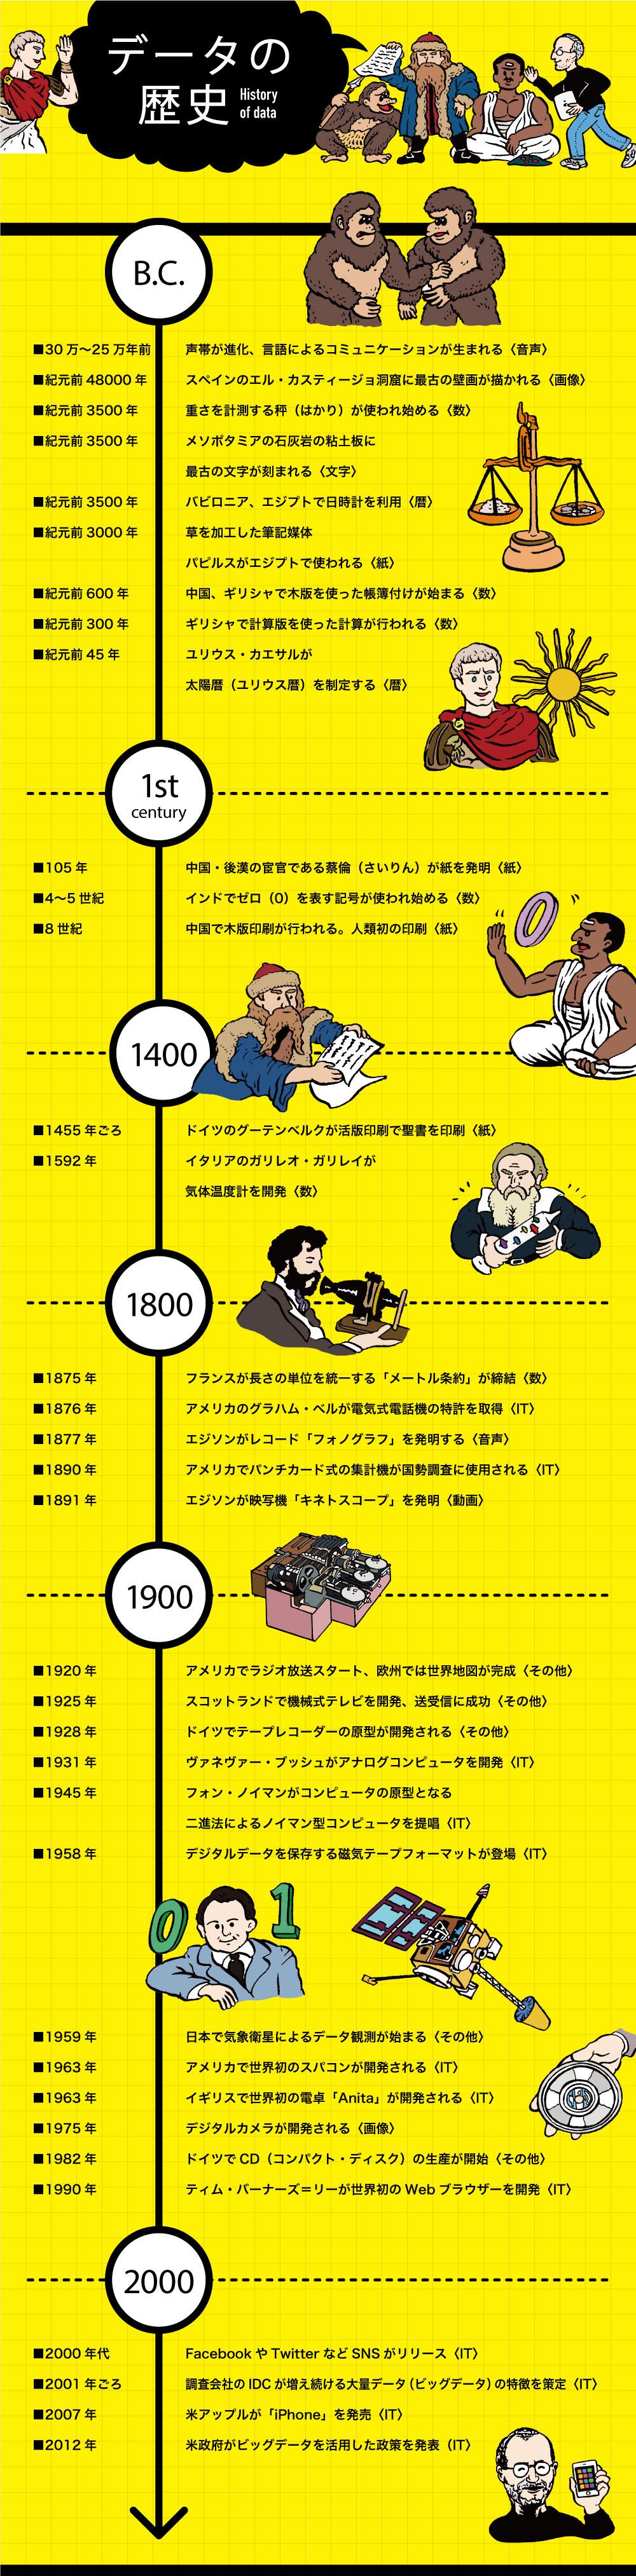 人の歴史はデータの歴史:インフォグラフィックで読み解くデータの歴史 ...